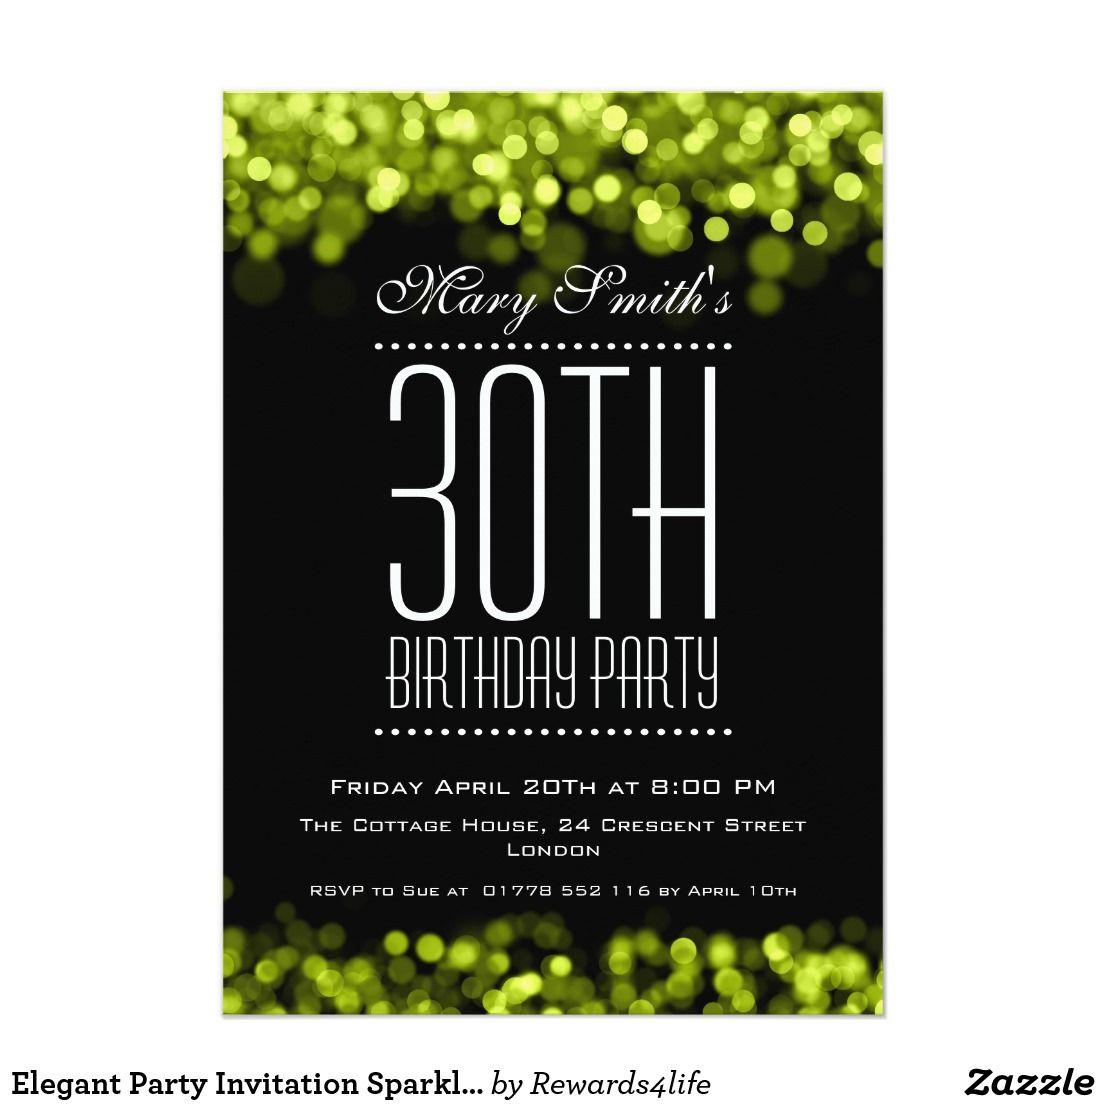 Elegant Party Invitation Sparkling Lights Green Zazzle Com Party Invitations Elegant Party Green Invitations